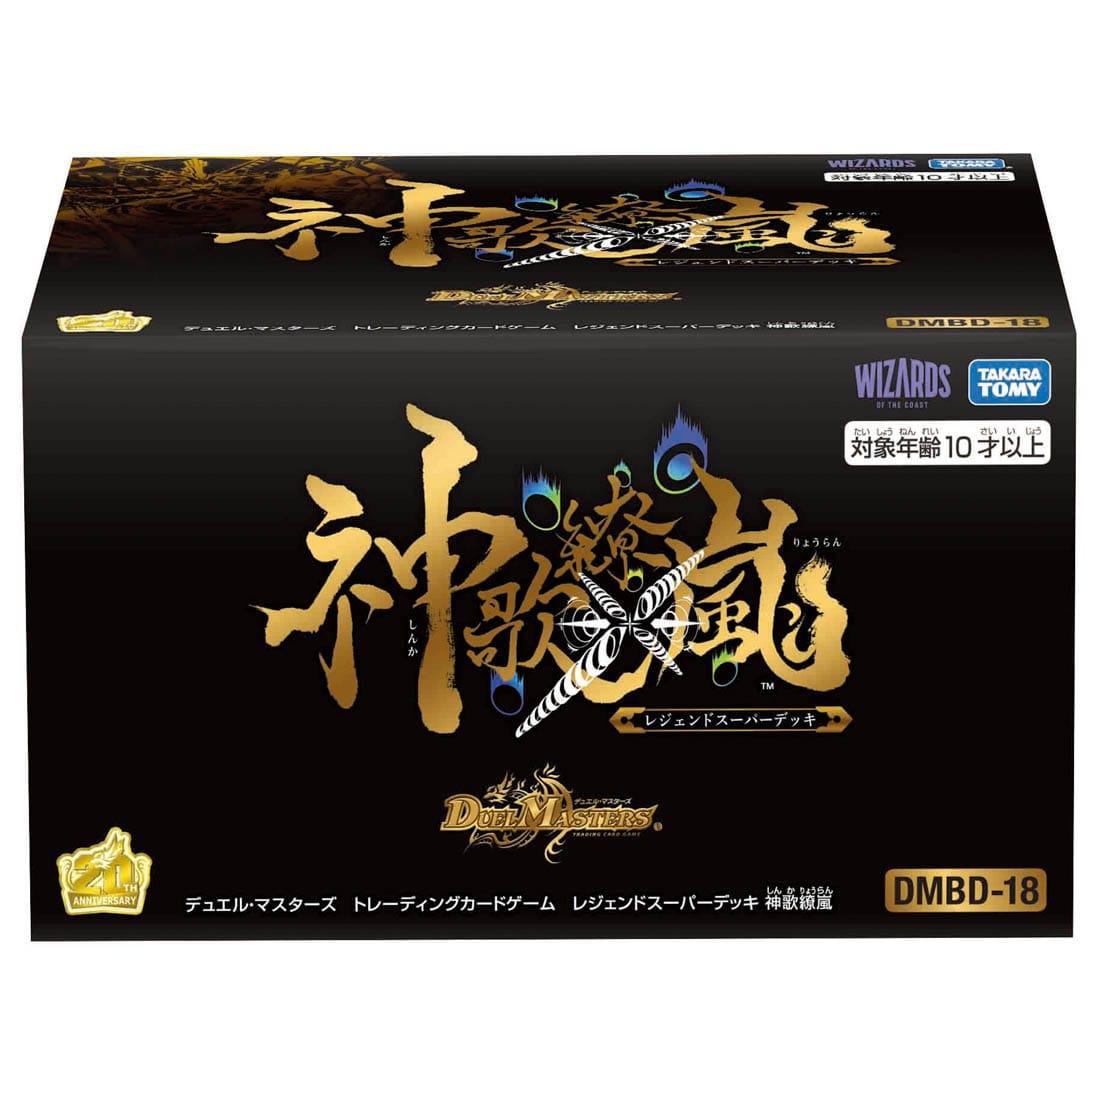 デュエル・マスターズTCGD『DMBD-18 レジェンド スーパーデッキ 神歌繚嵐』DP-BOX-001